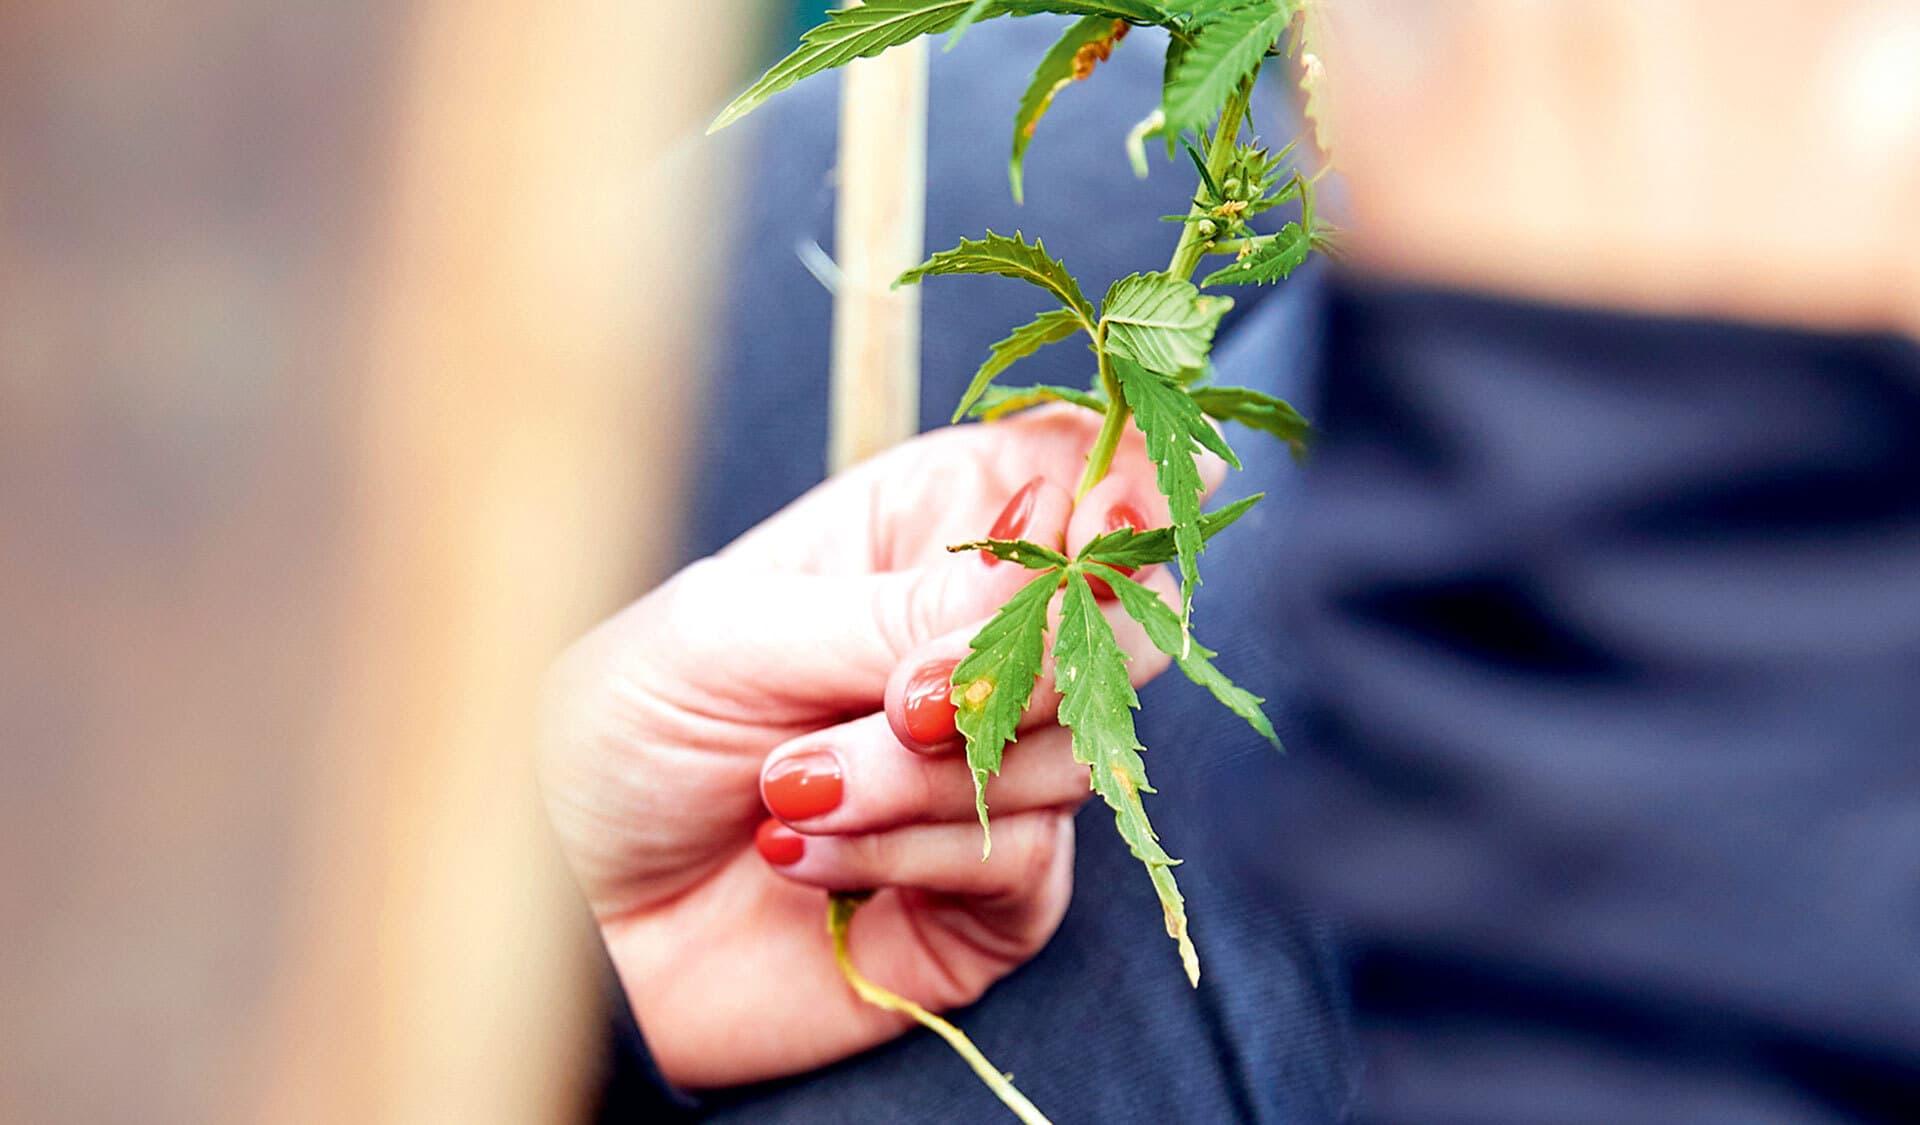 Eine gezupfte Hanfpflanze in einer Hand